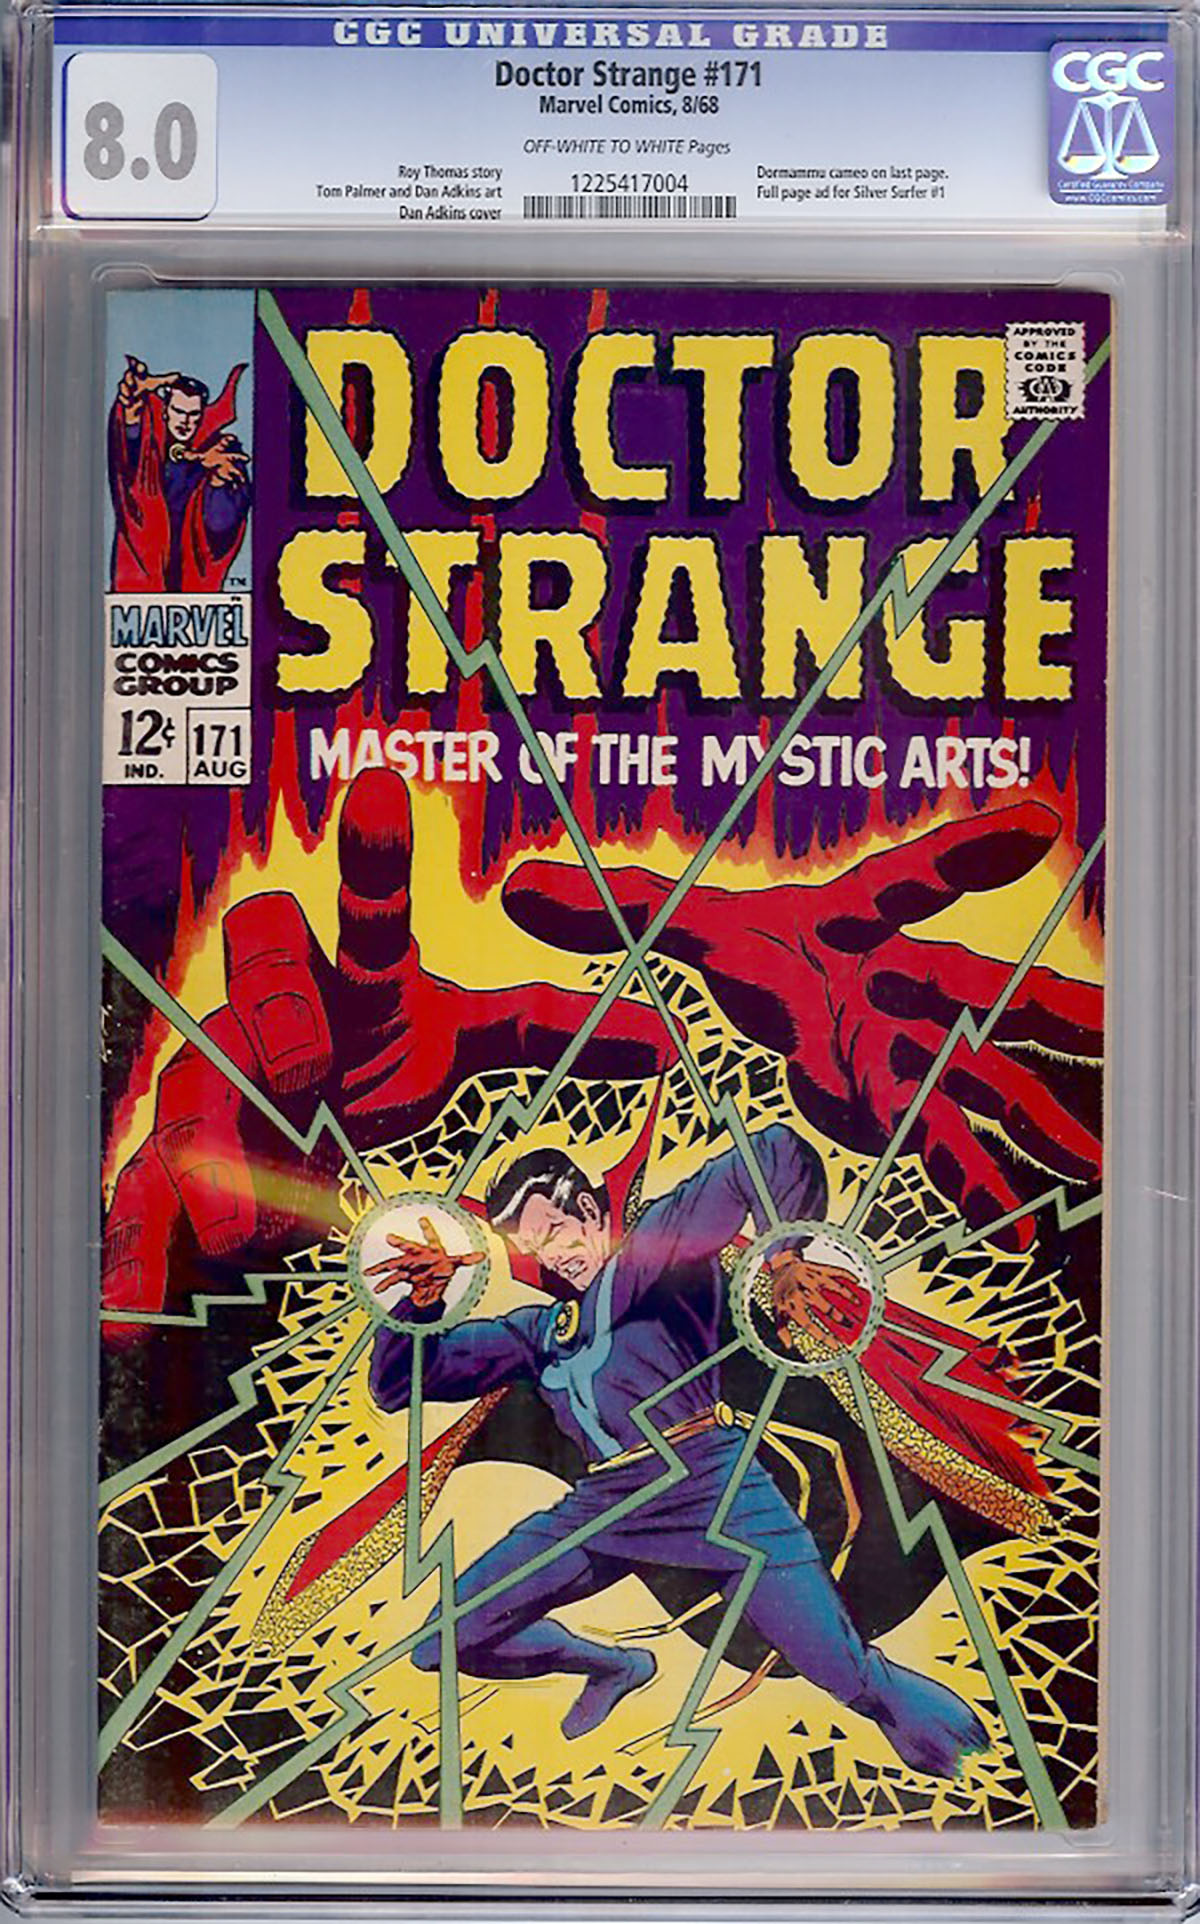 Doctor Strange #171 CGC 8.0 ow/w